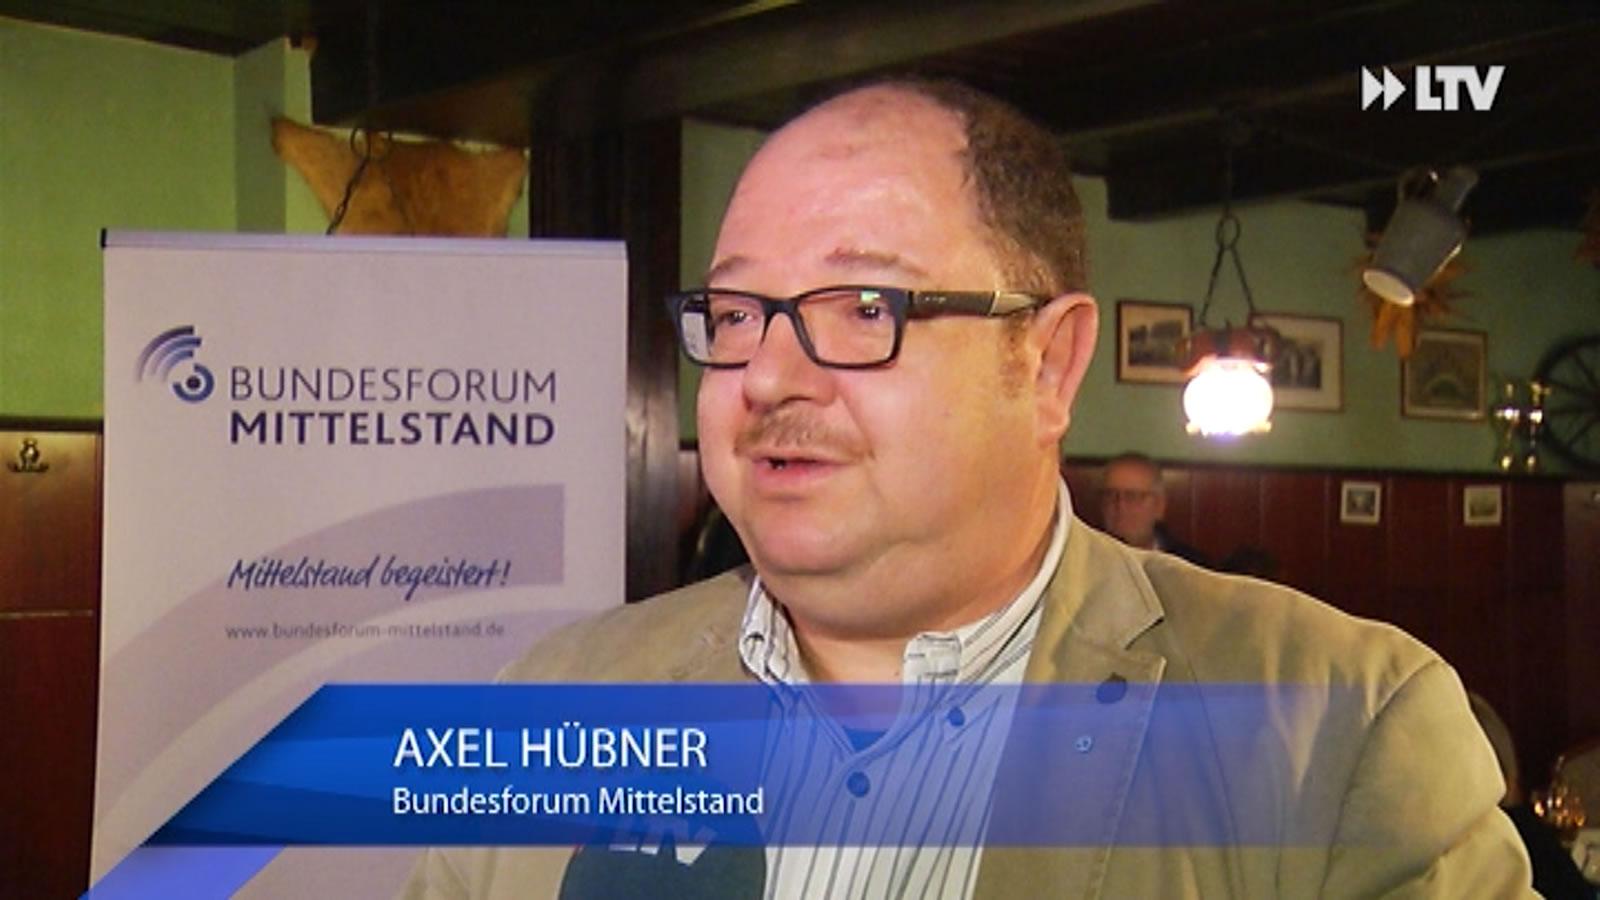 LTV Beitrag zum Jahresabschlusstreffen des Wirtschaftsforums Cottbus Lausitz